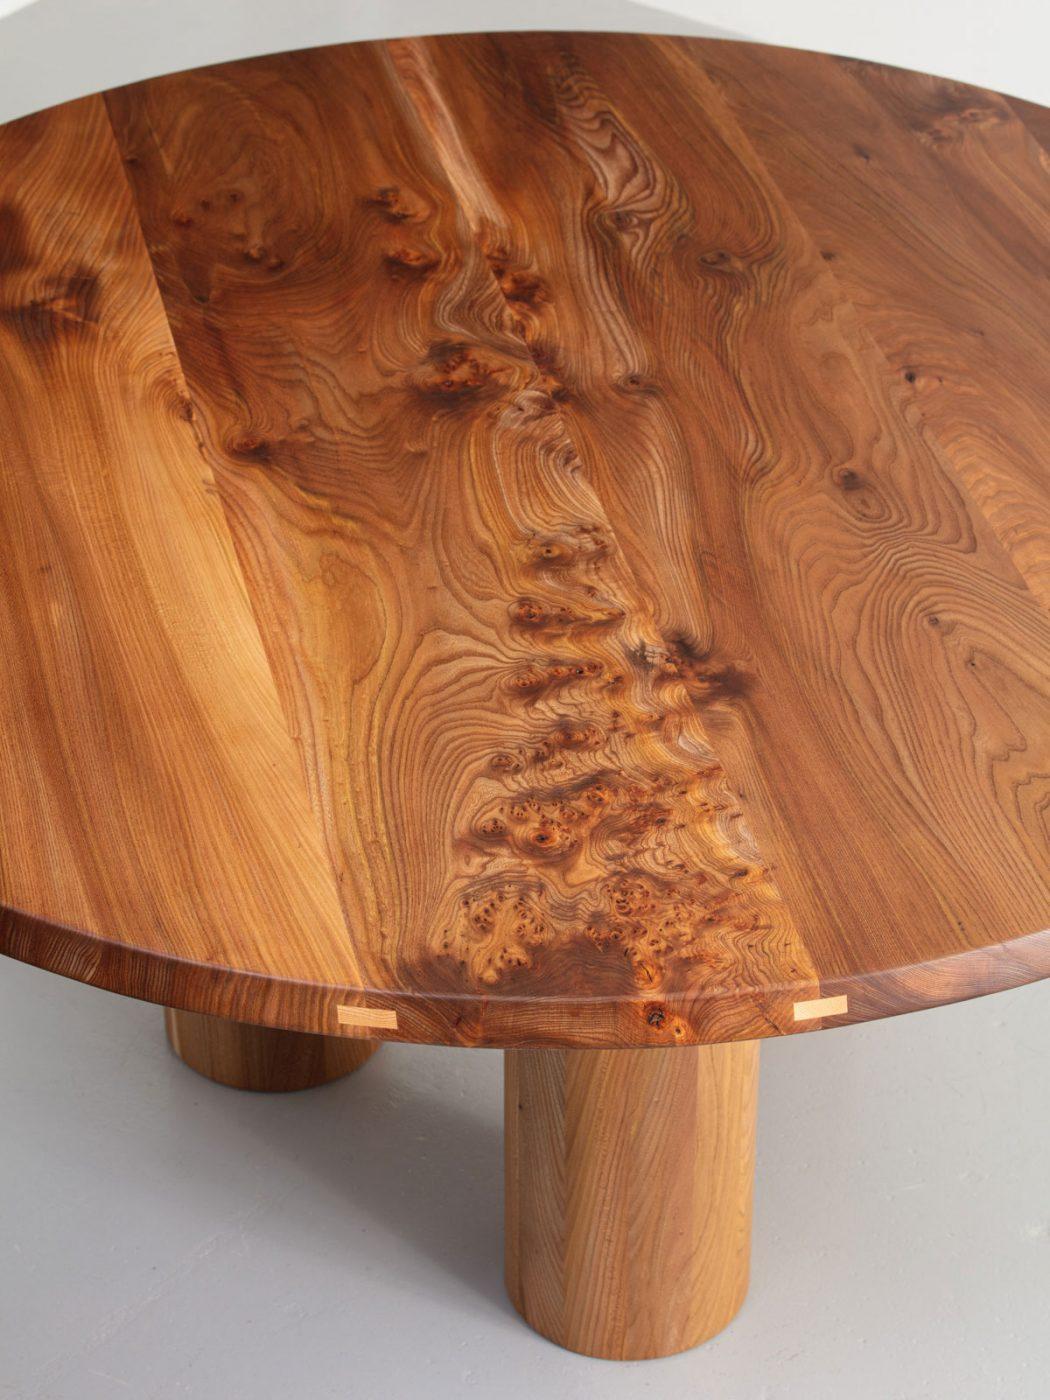 Jan Hendzel Round Tables Studio 2021-55